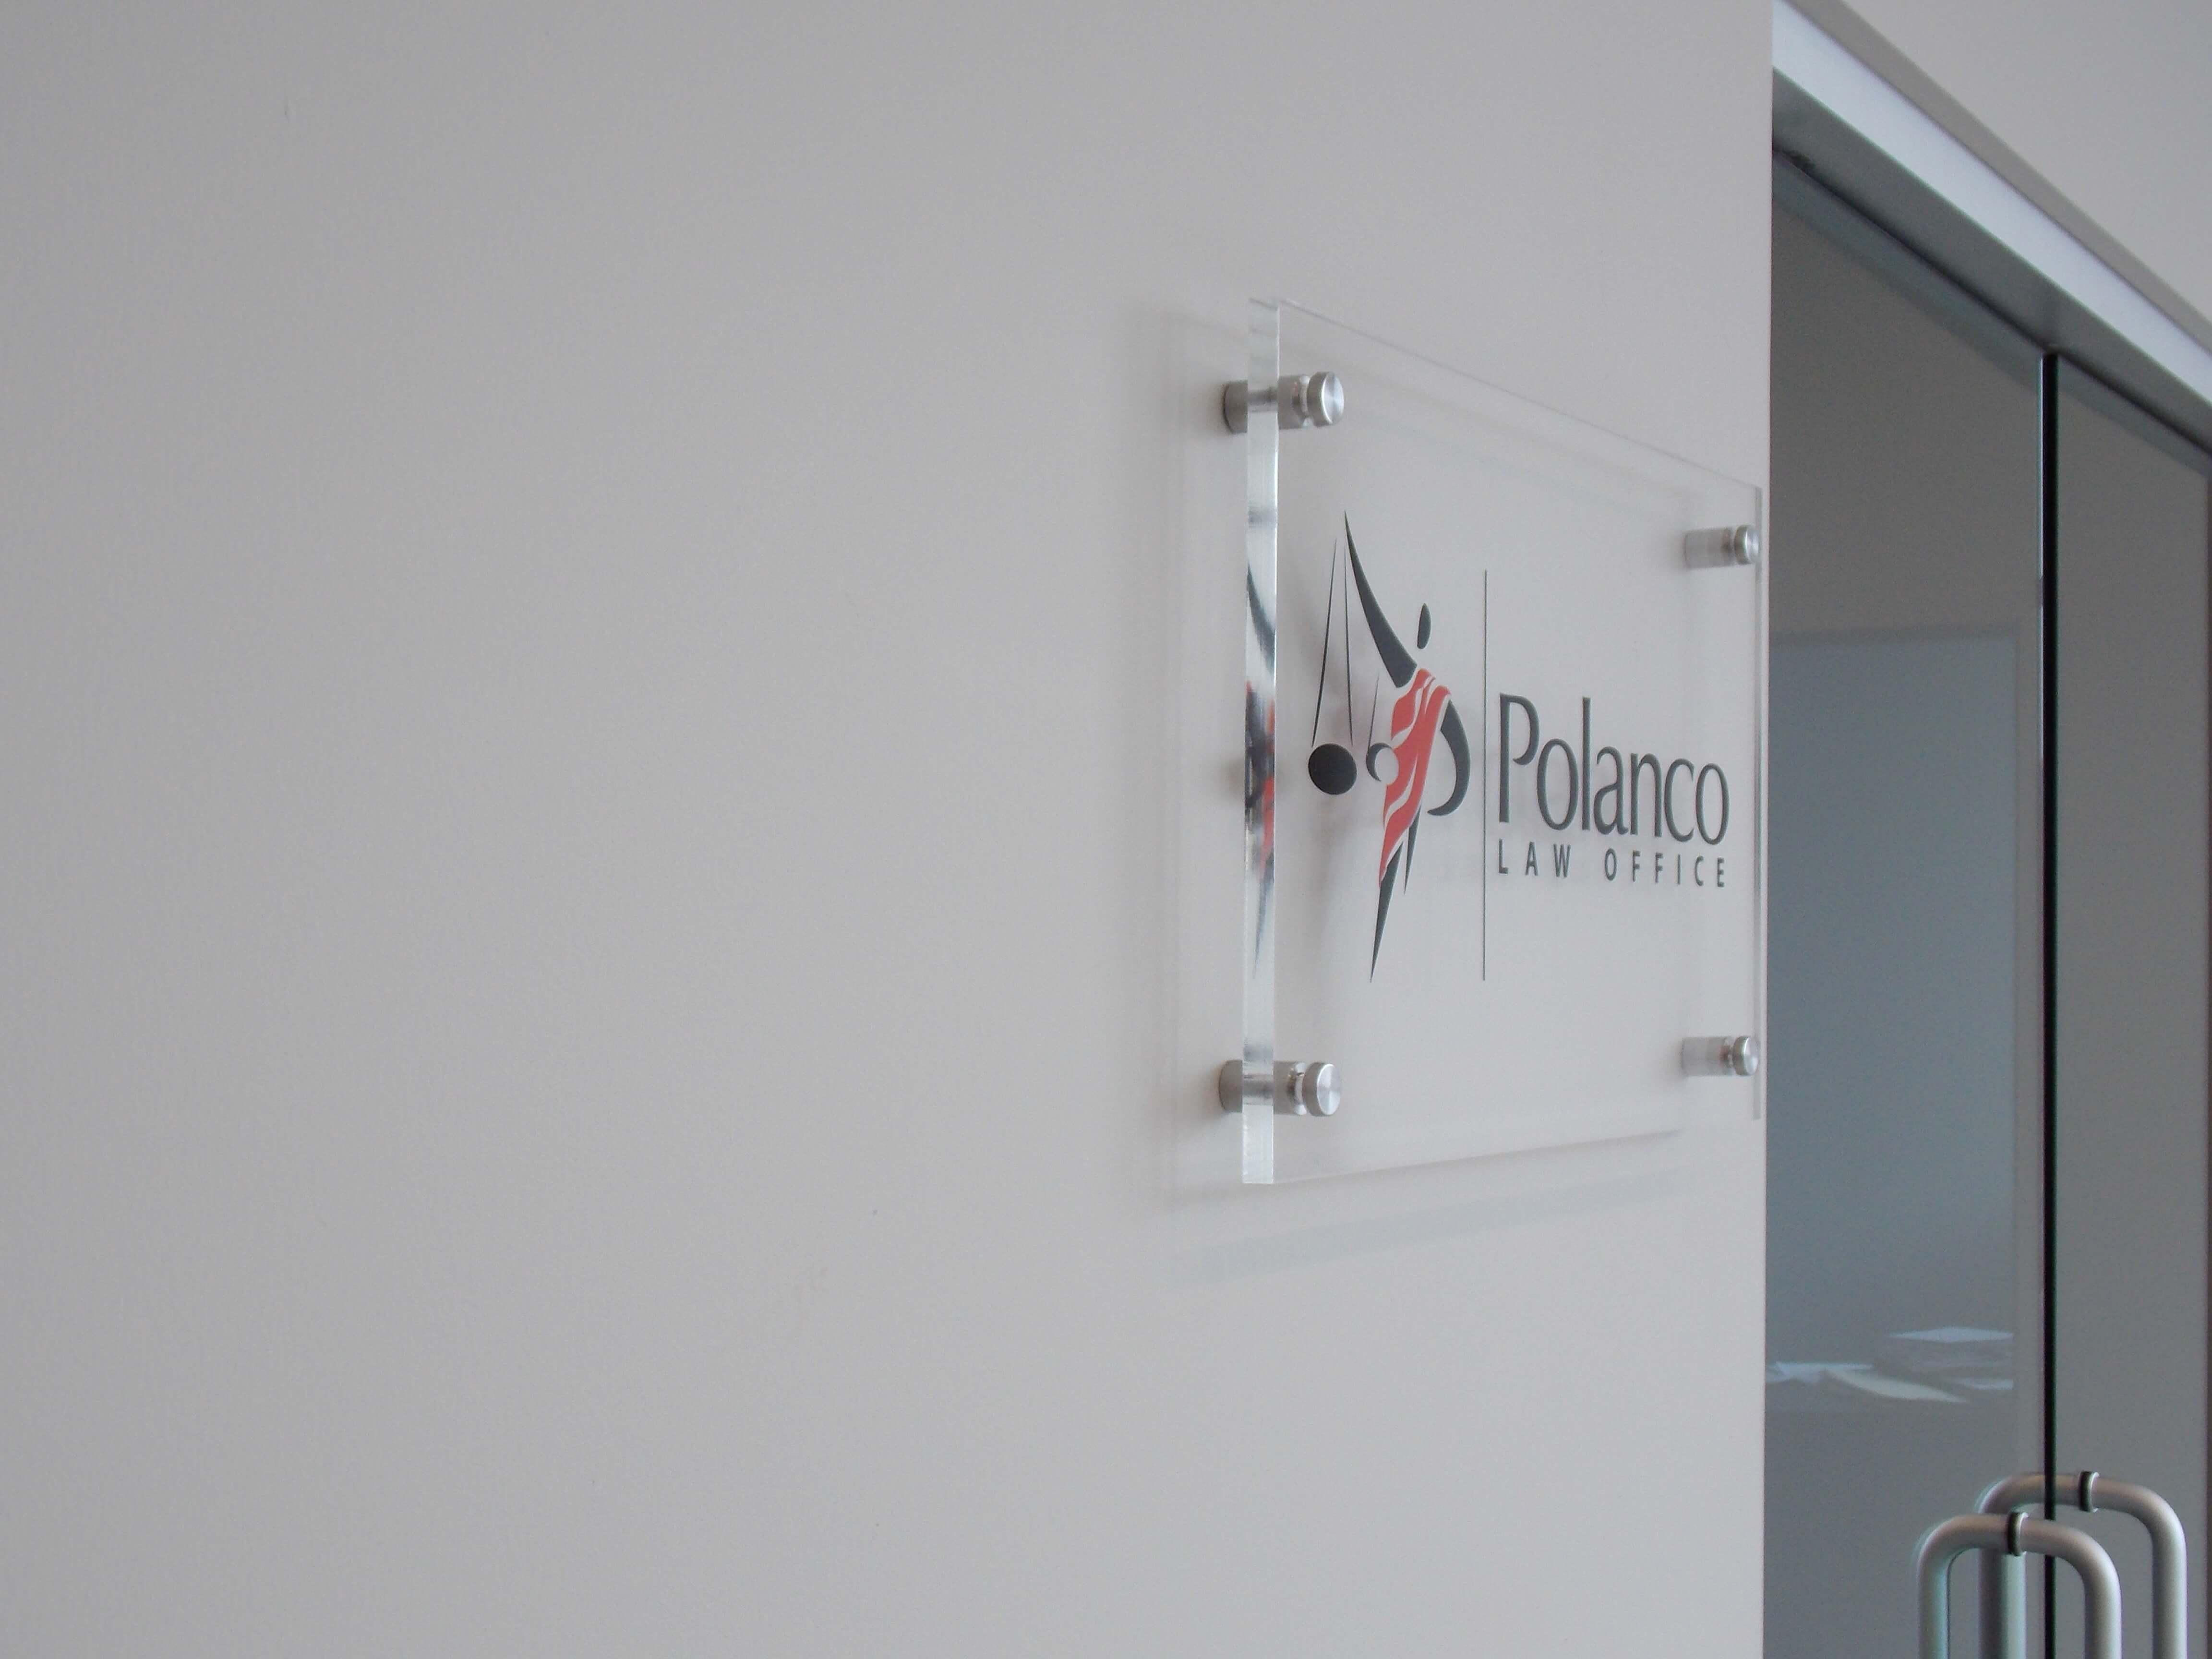 Custom Acrylic Office Sign